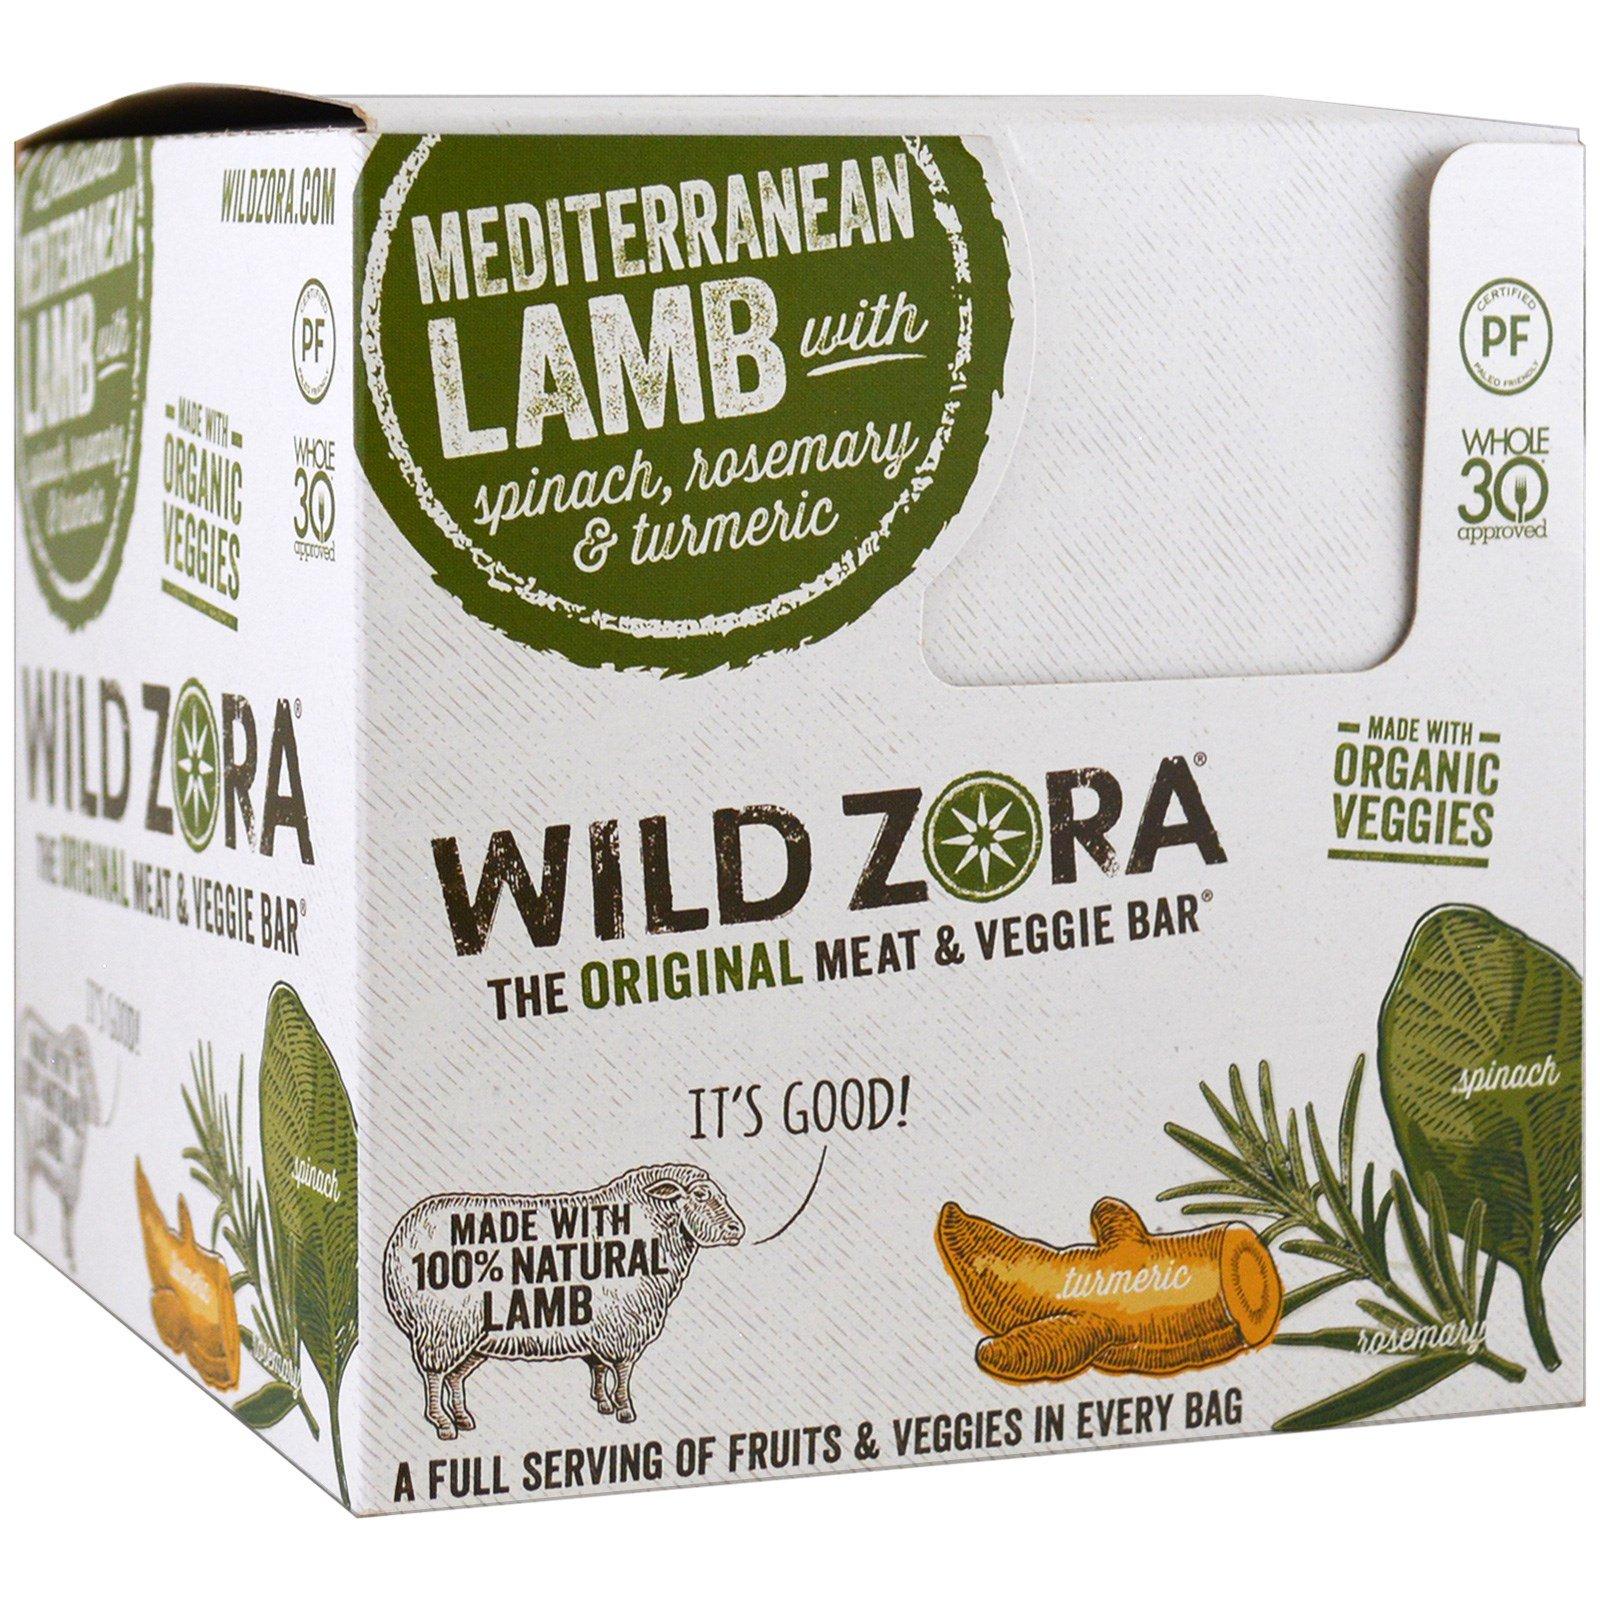 Wild Zora Foods LLC, Батончик из мяса и овощей, средиземноморский ягненок со шпинатом, розмарином и куркумой, 10 упаковок, по 1 унции (28 г) каждая